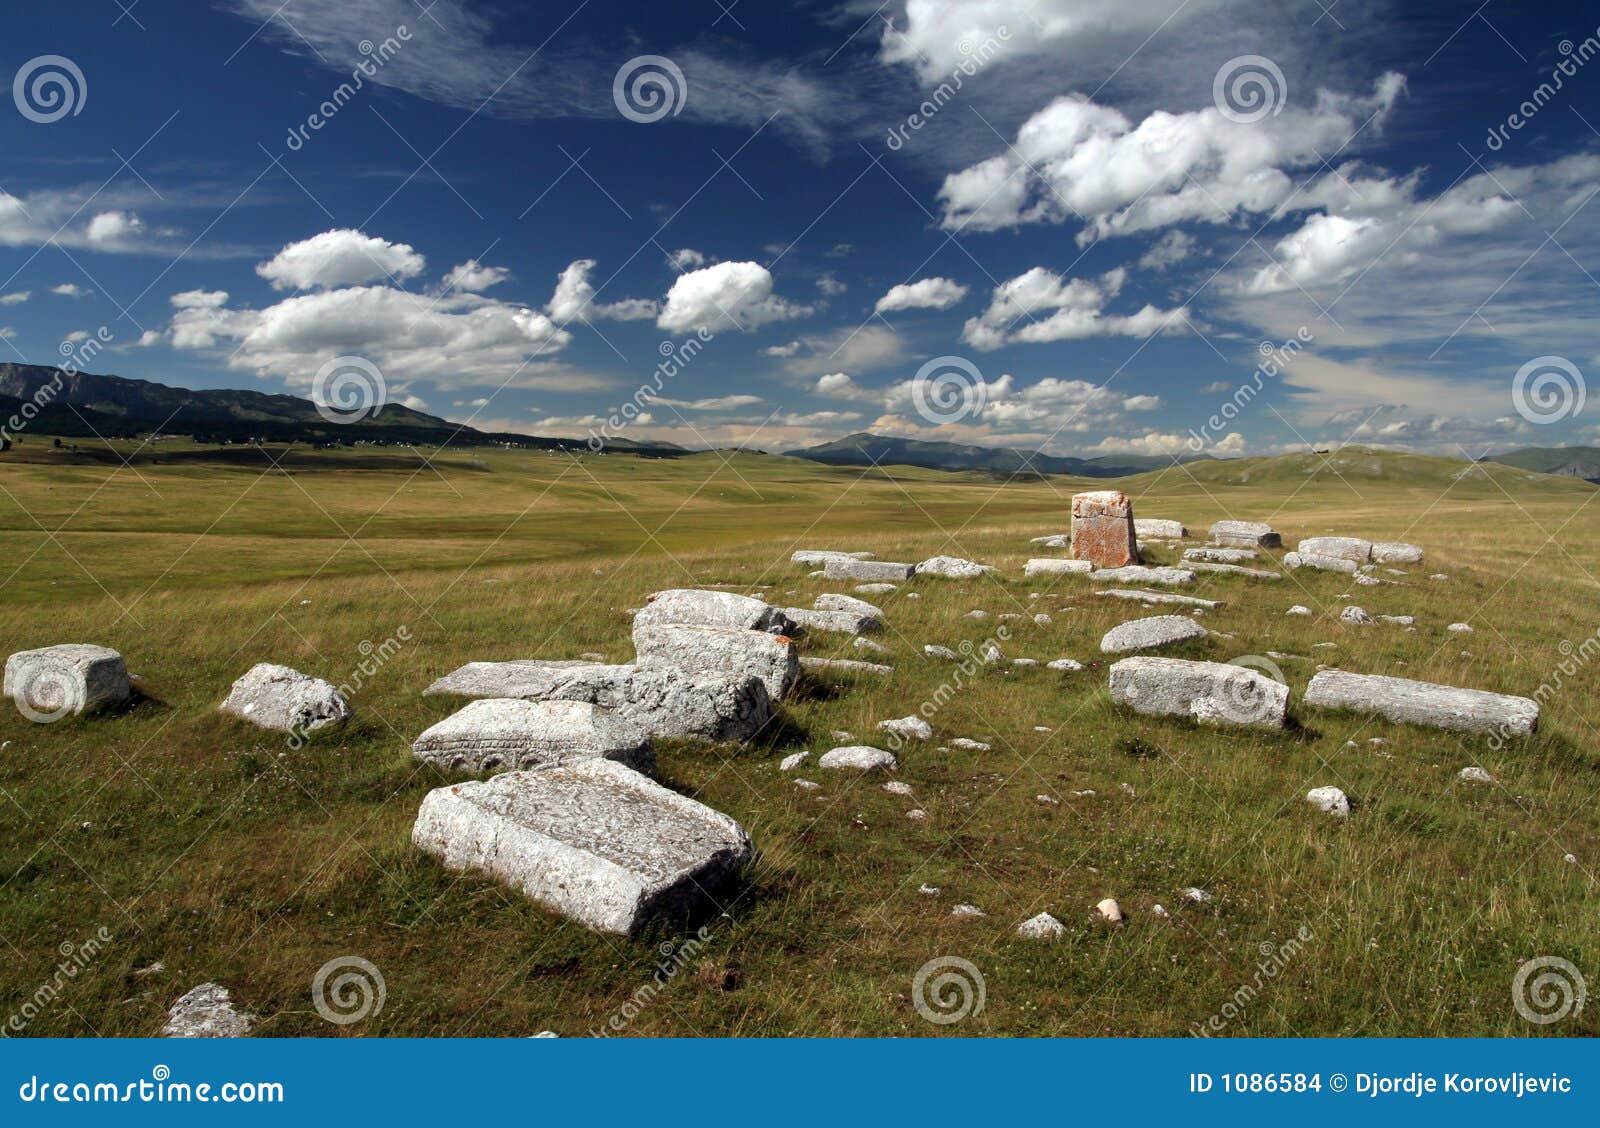 Stock Images  Landscape Picture. Image  1086584 d94e9dfe9e